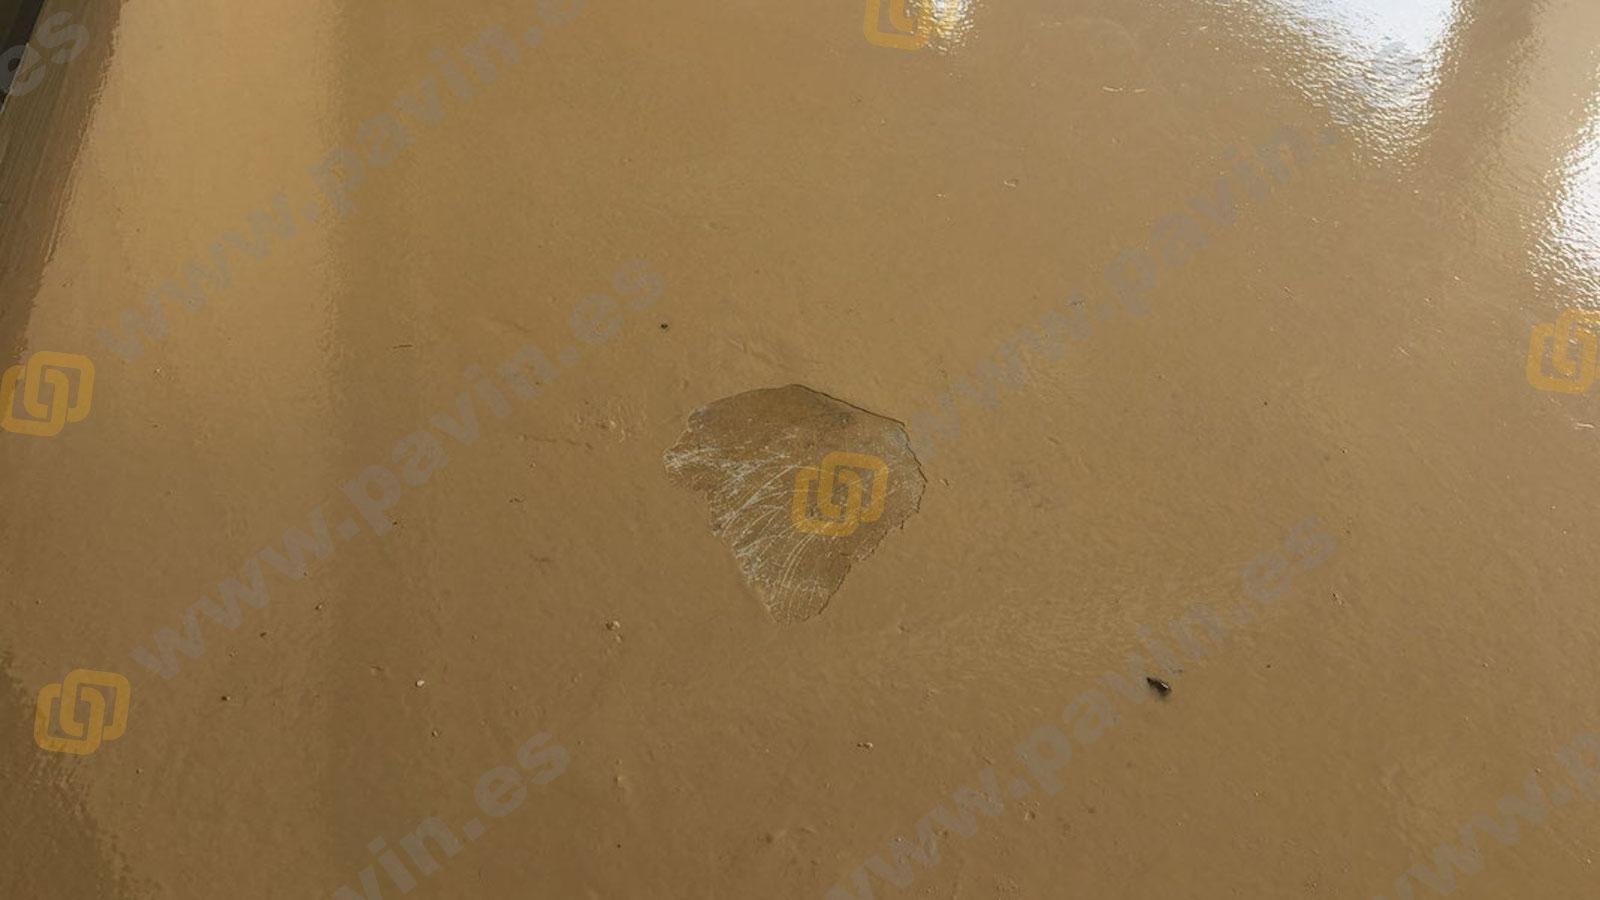 Pavimentos epoxi, presión hidrostática y la tolerancia de humedad